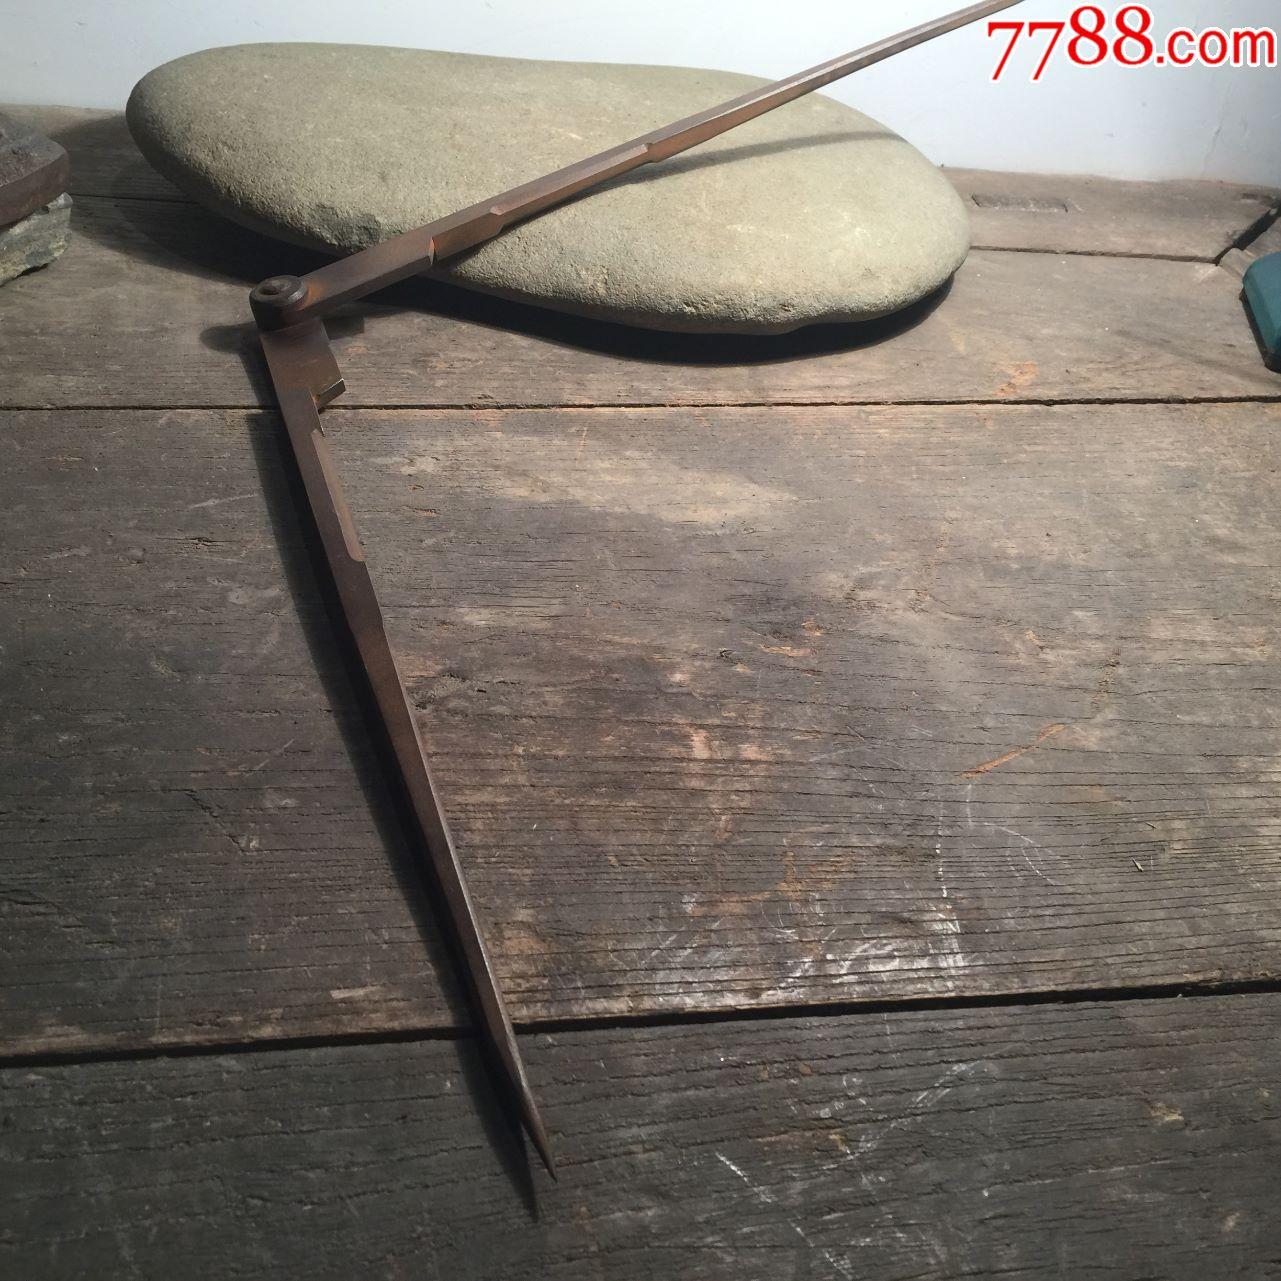 圆规木工工具画圆工具铁圆规钣金圆规画线工具划规